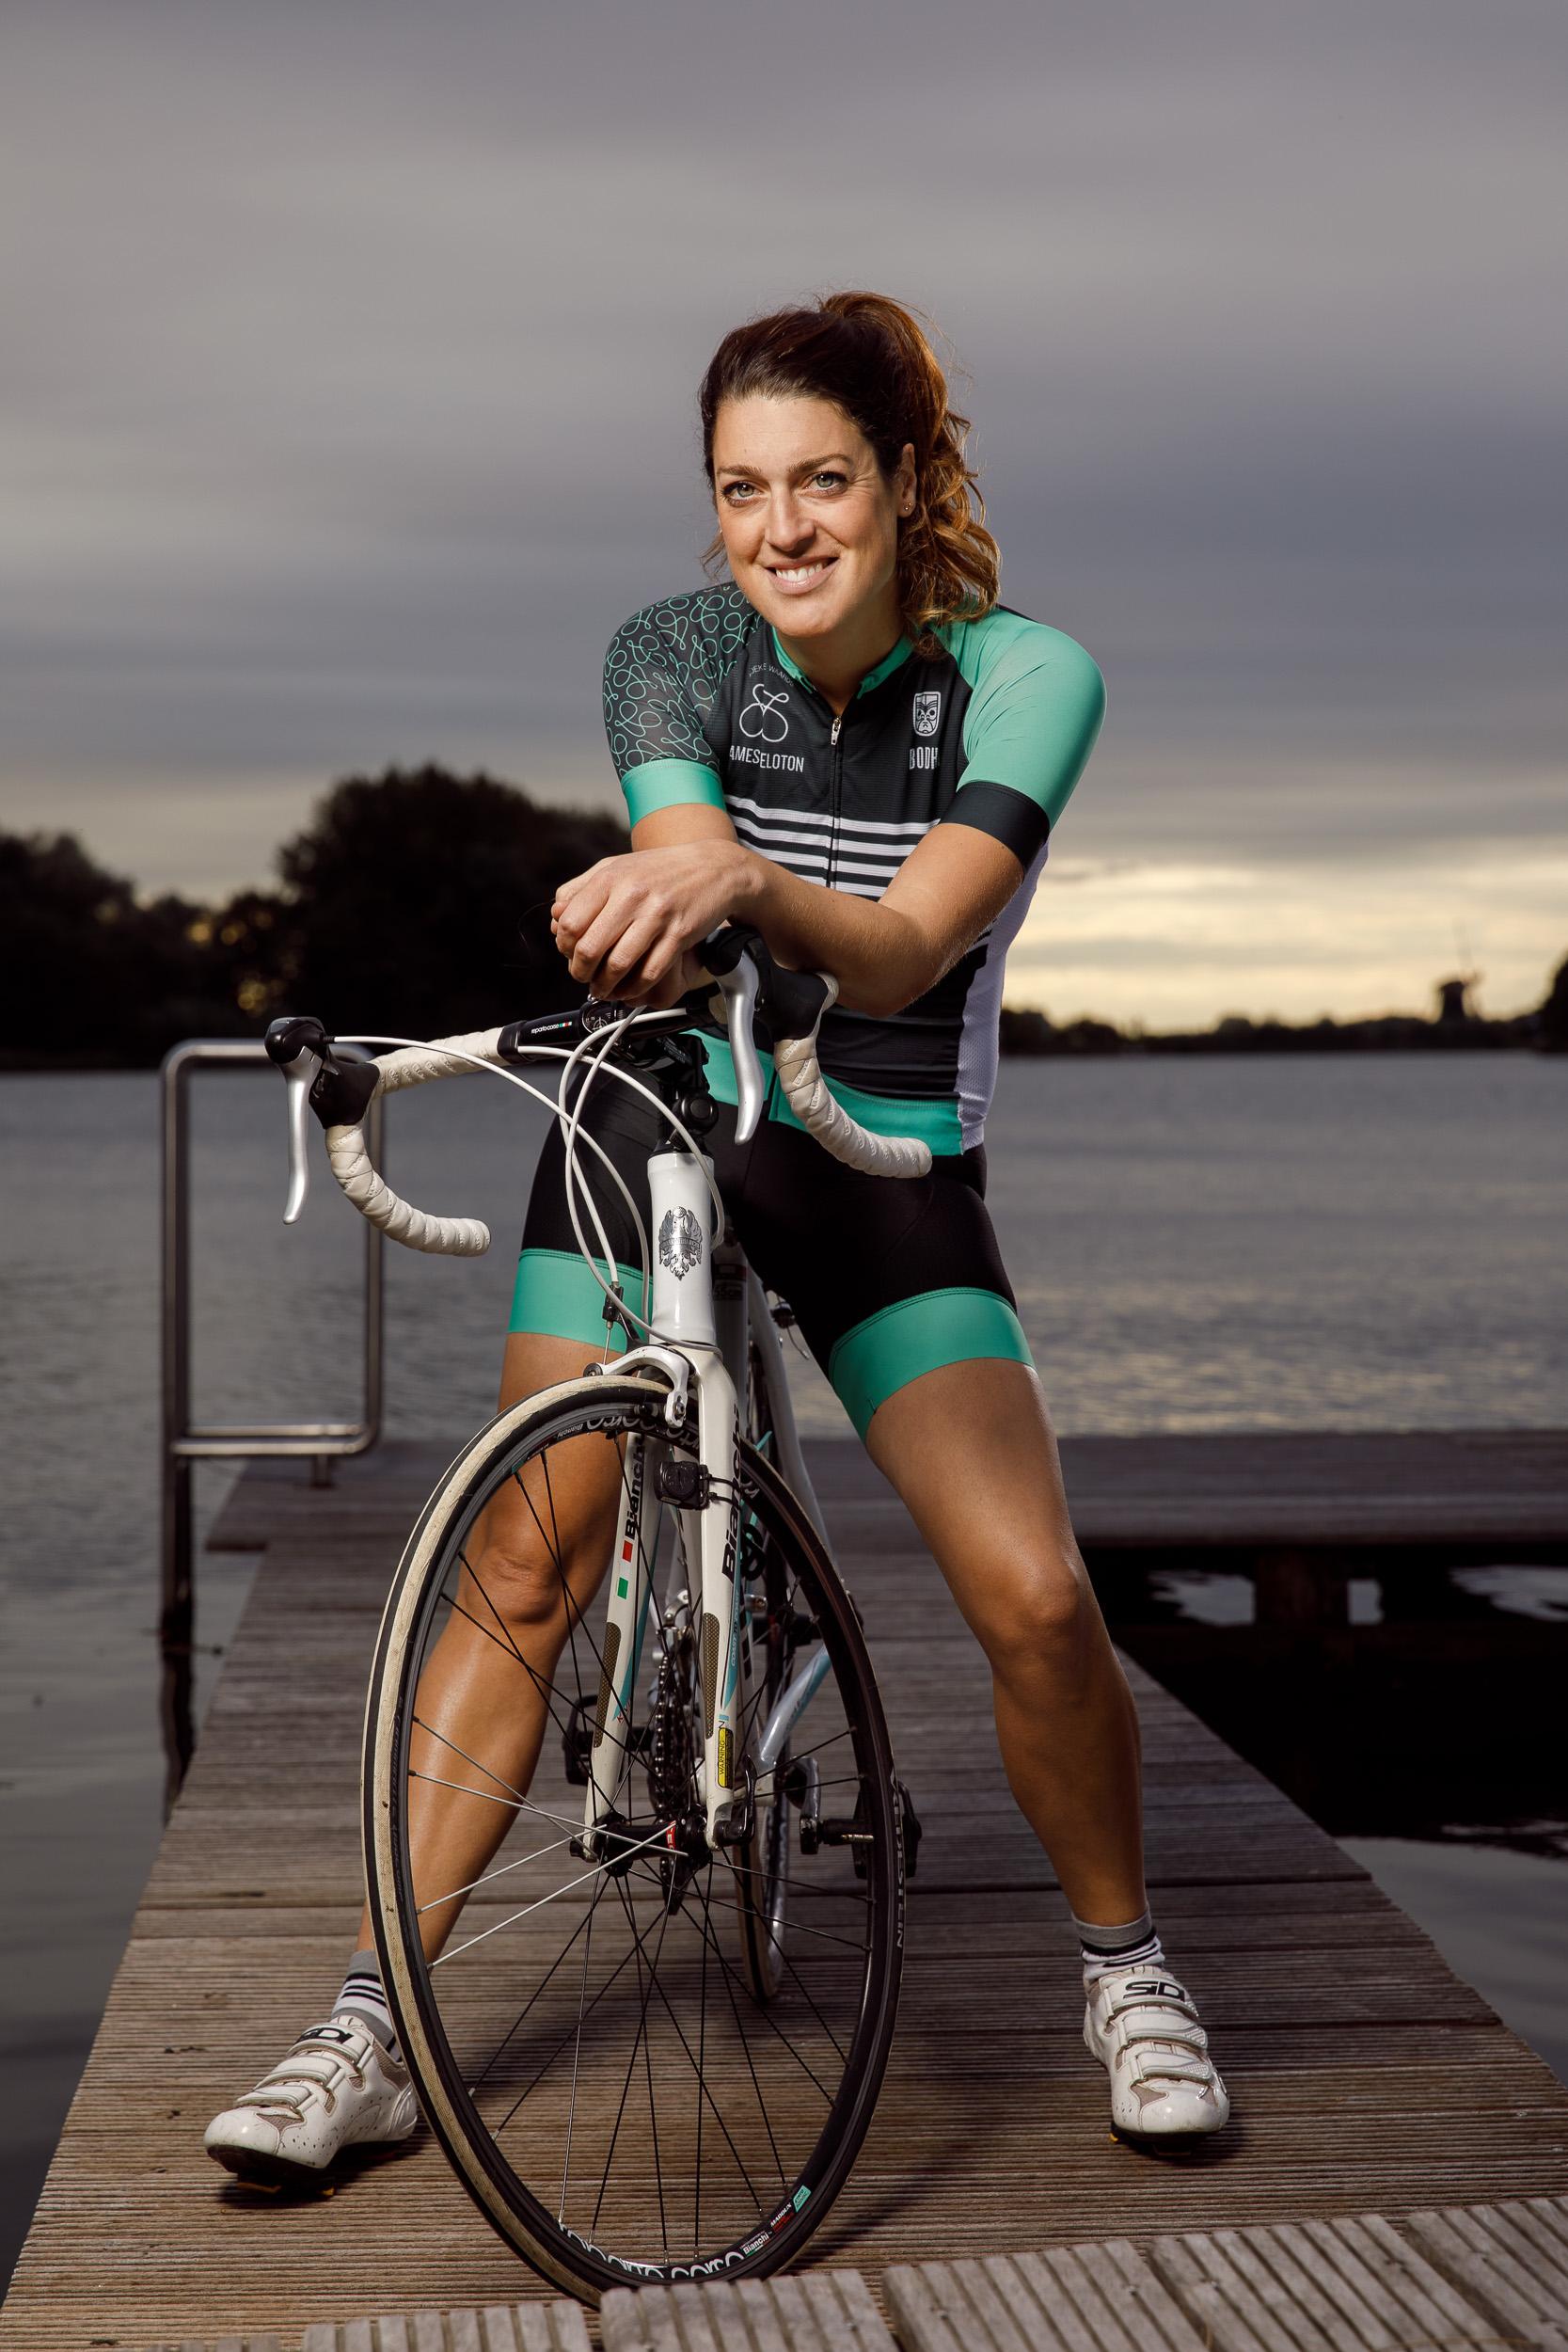 Hanna Mesker